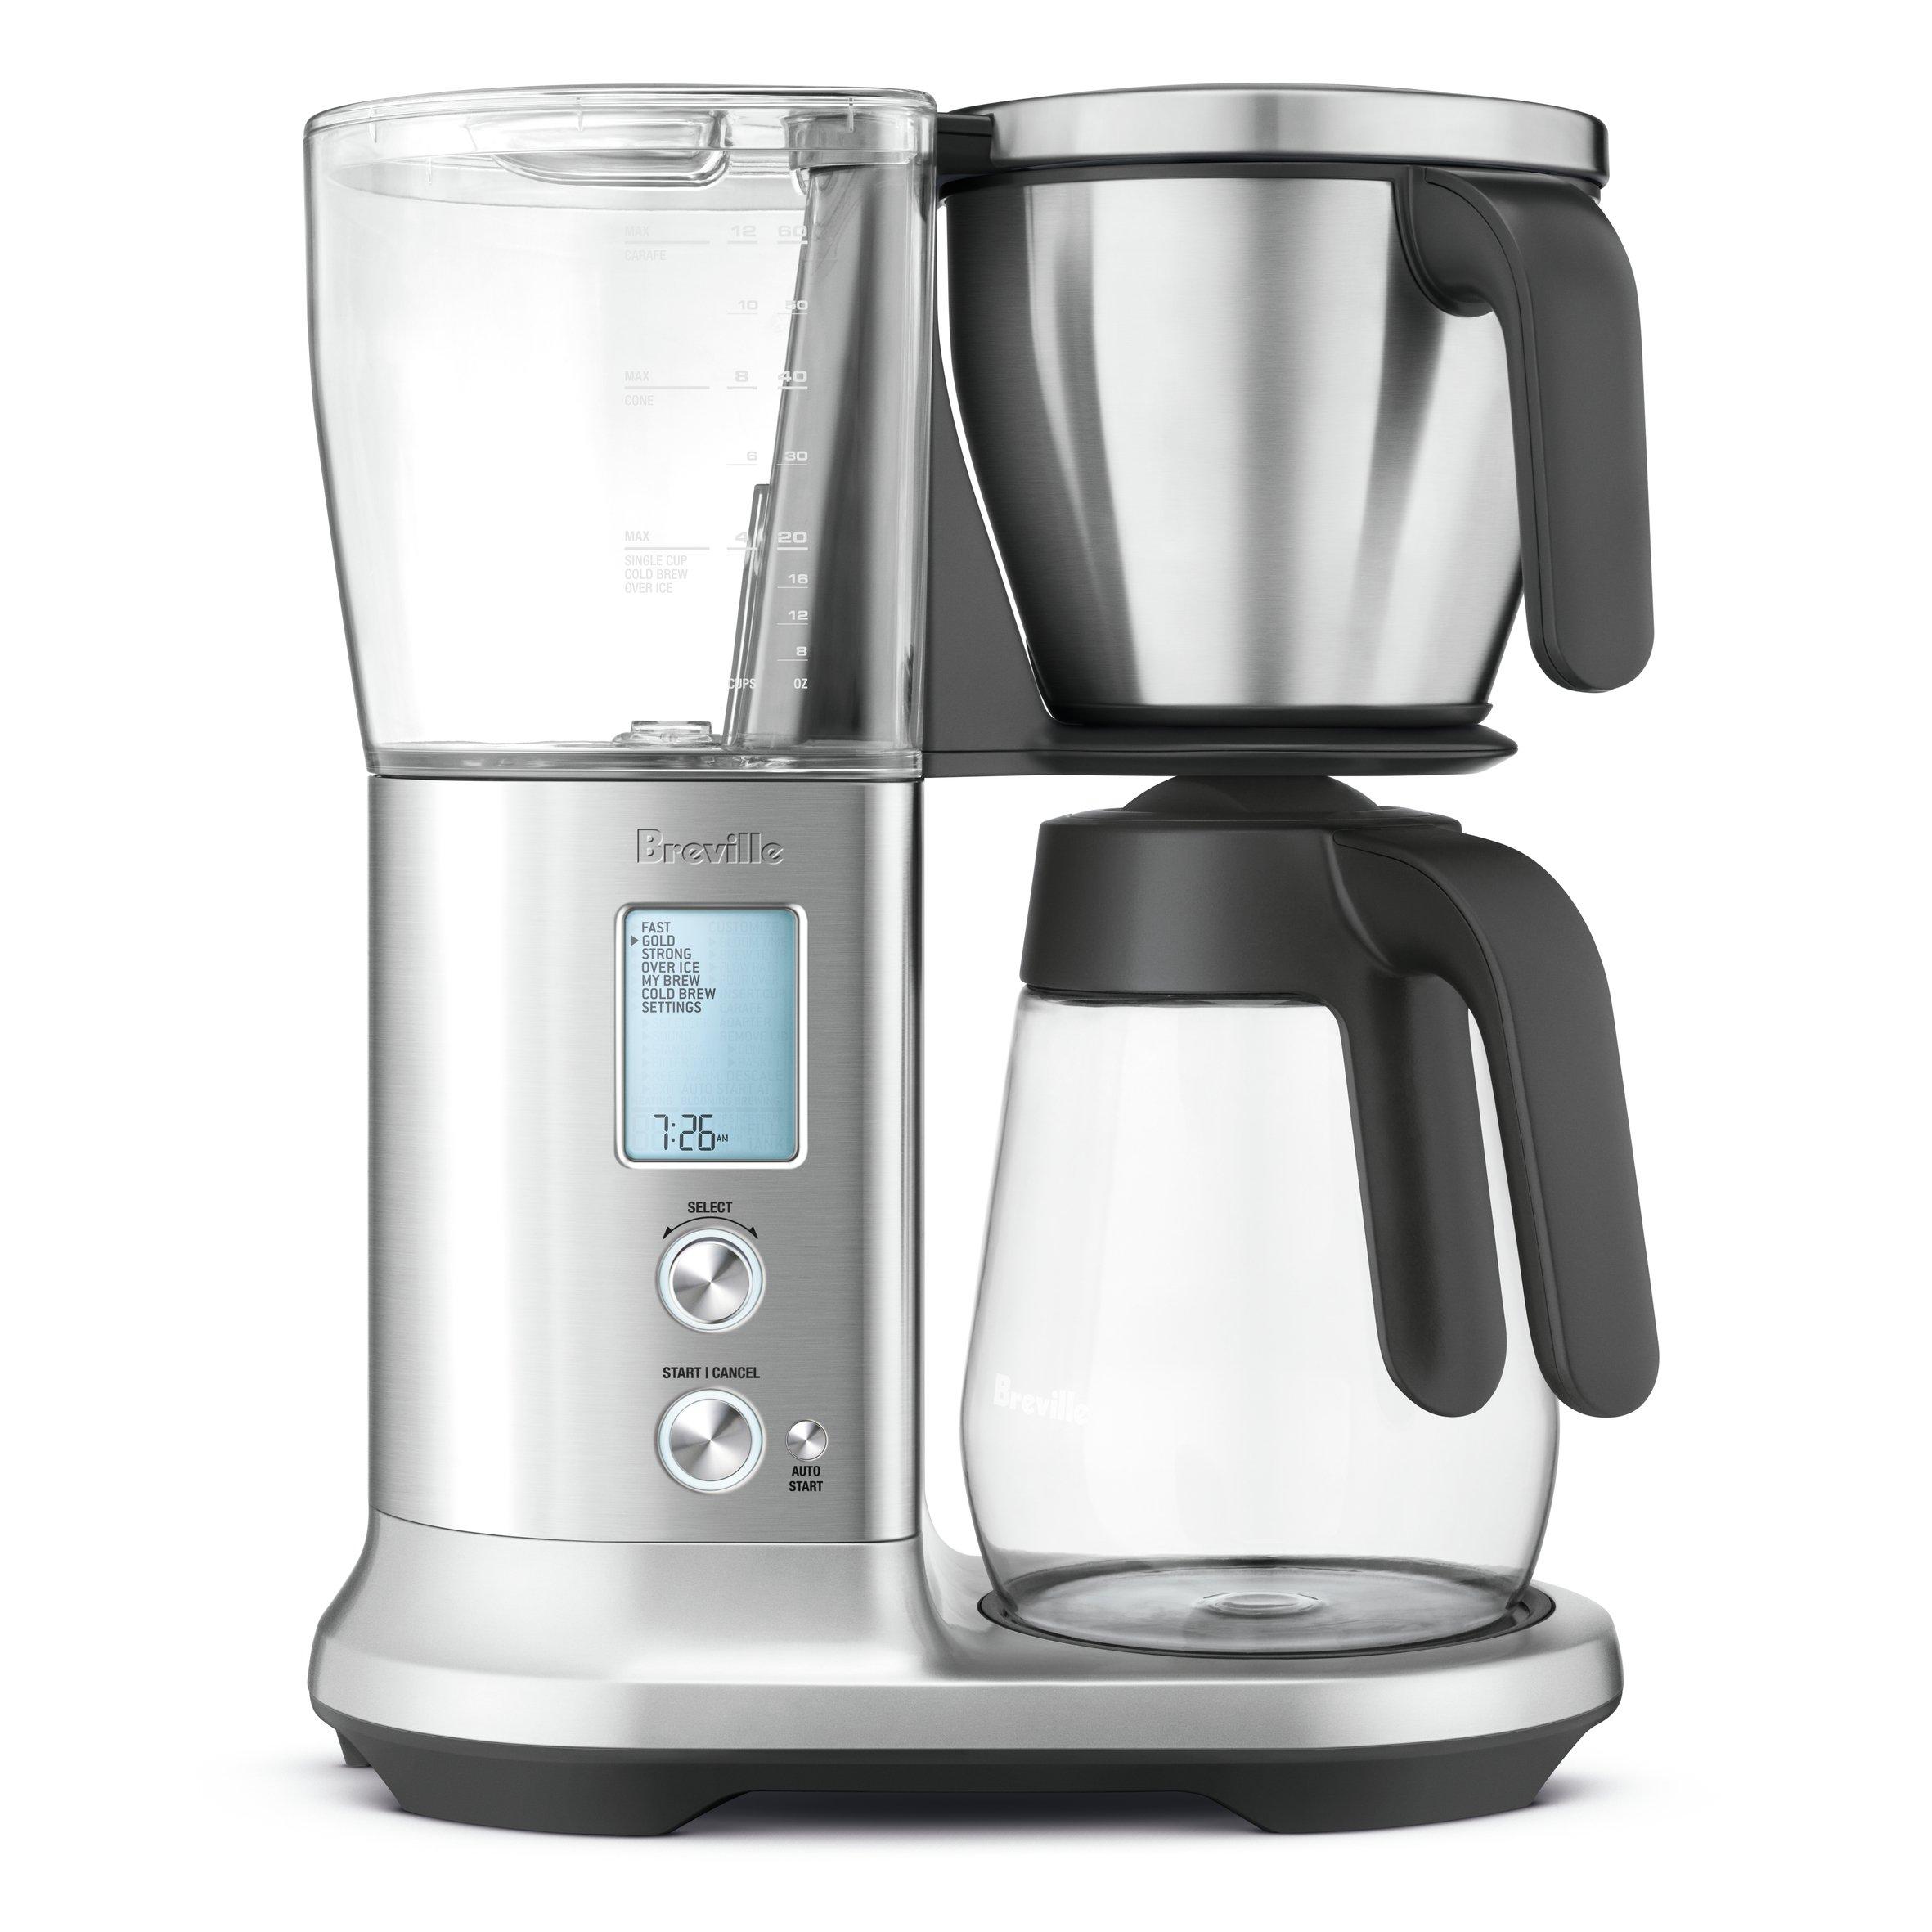 Breville BDC400 cafetera de precisión con jarra de vidrio: Amazon ...